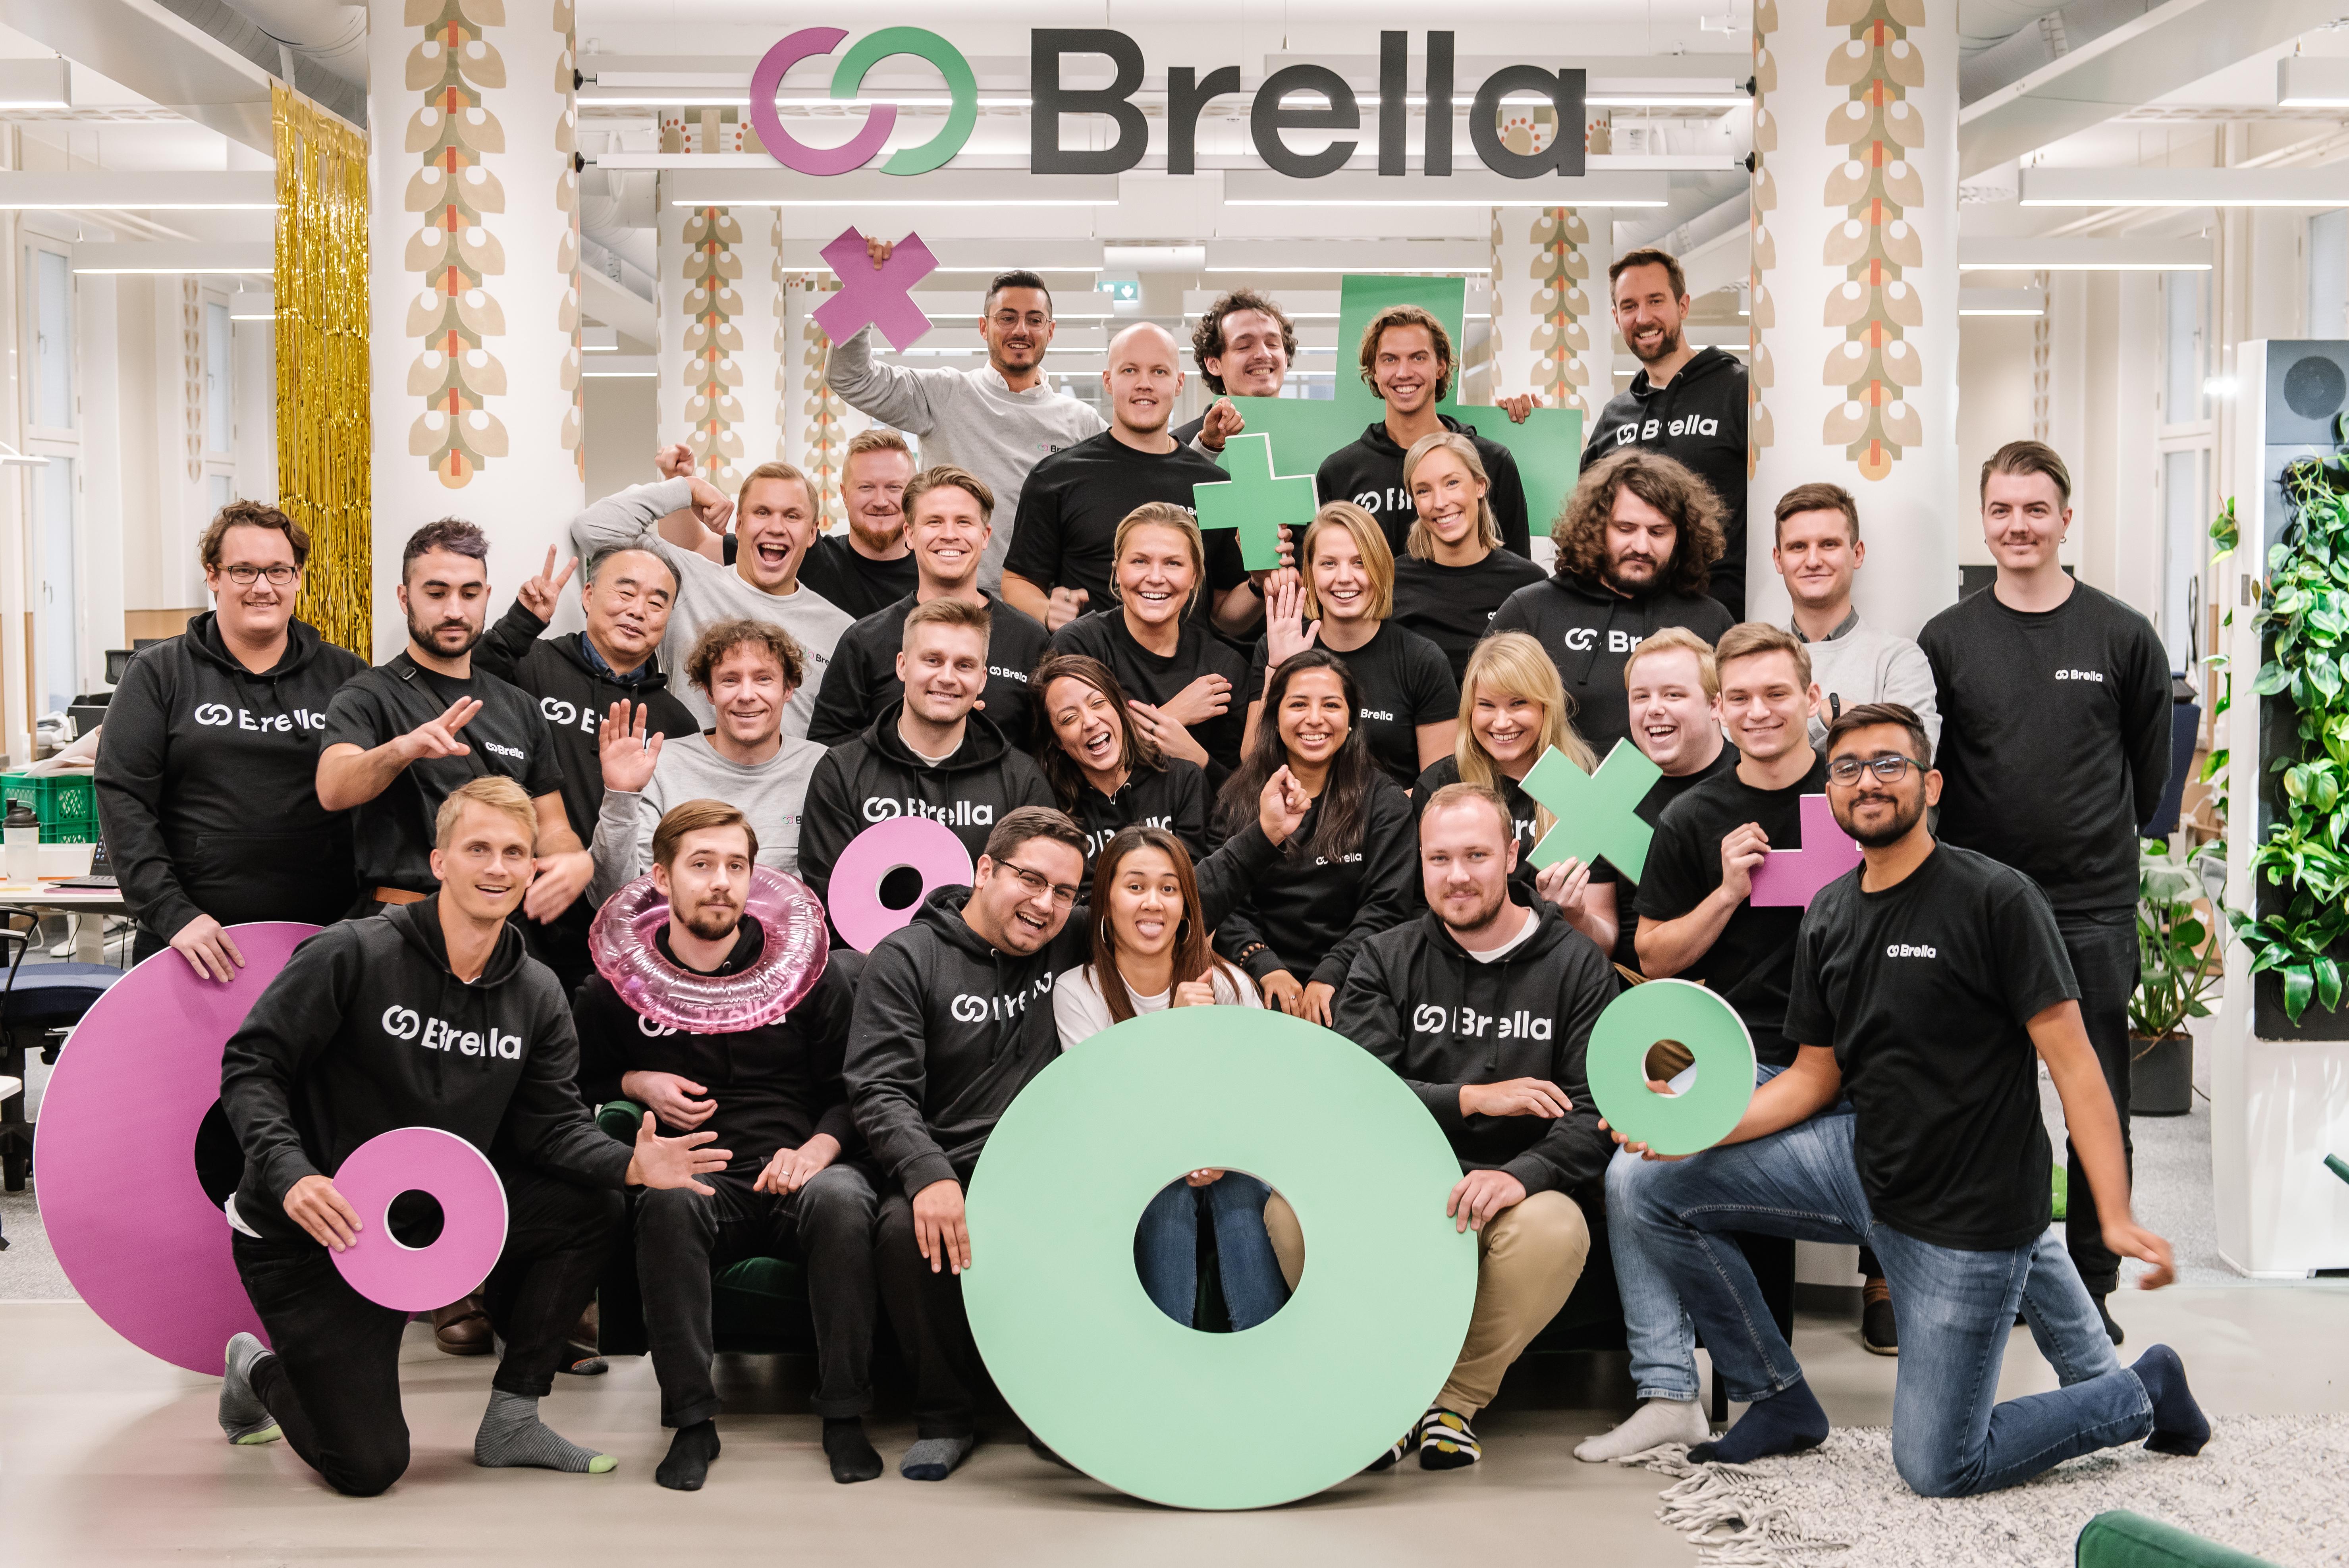 Brella_1-5